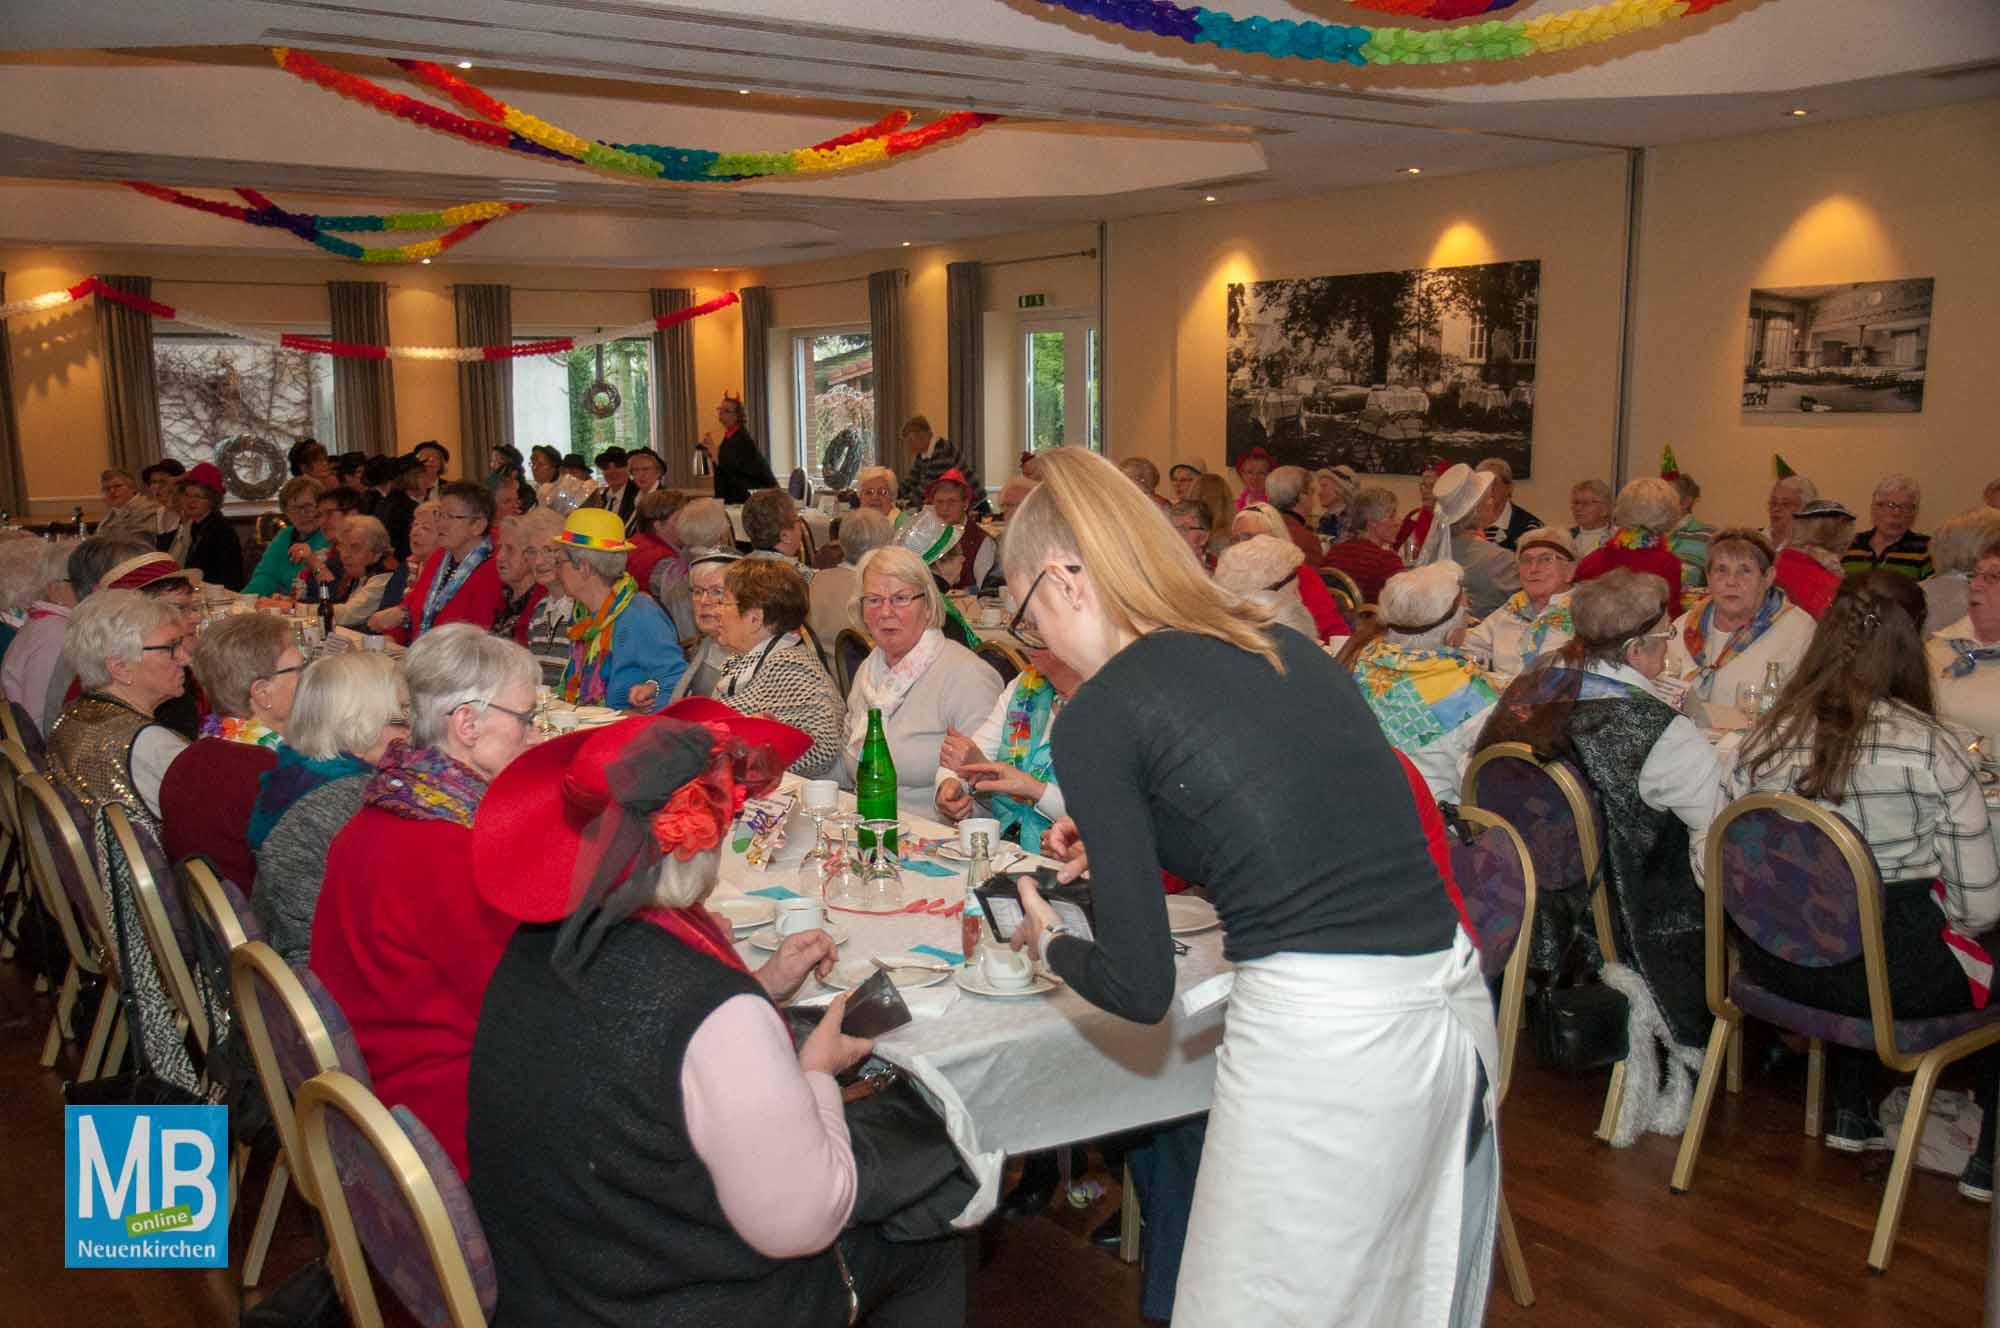 Das war der Frauenkarneval der KFD St. Anna 2018 am Donnerstagnachmittag.   Foto: Stefan Klausing